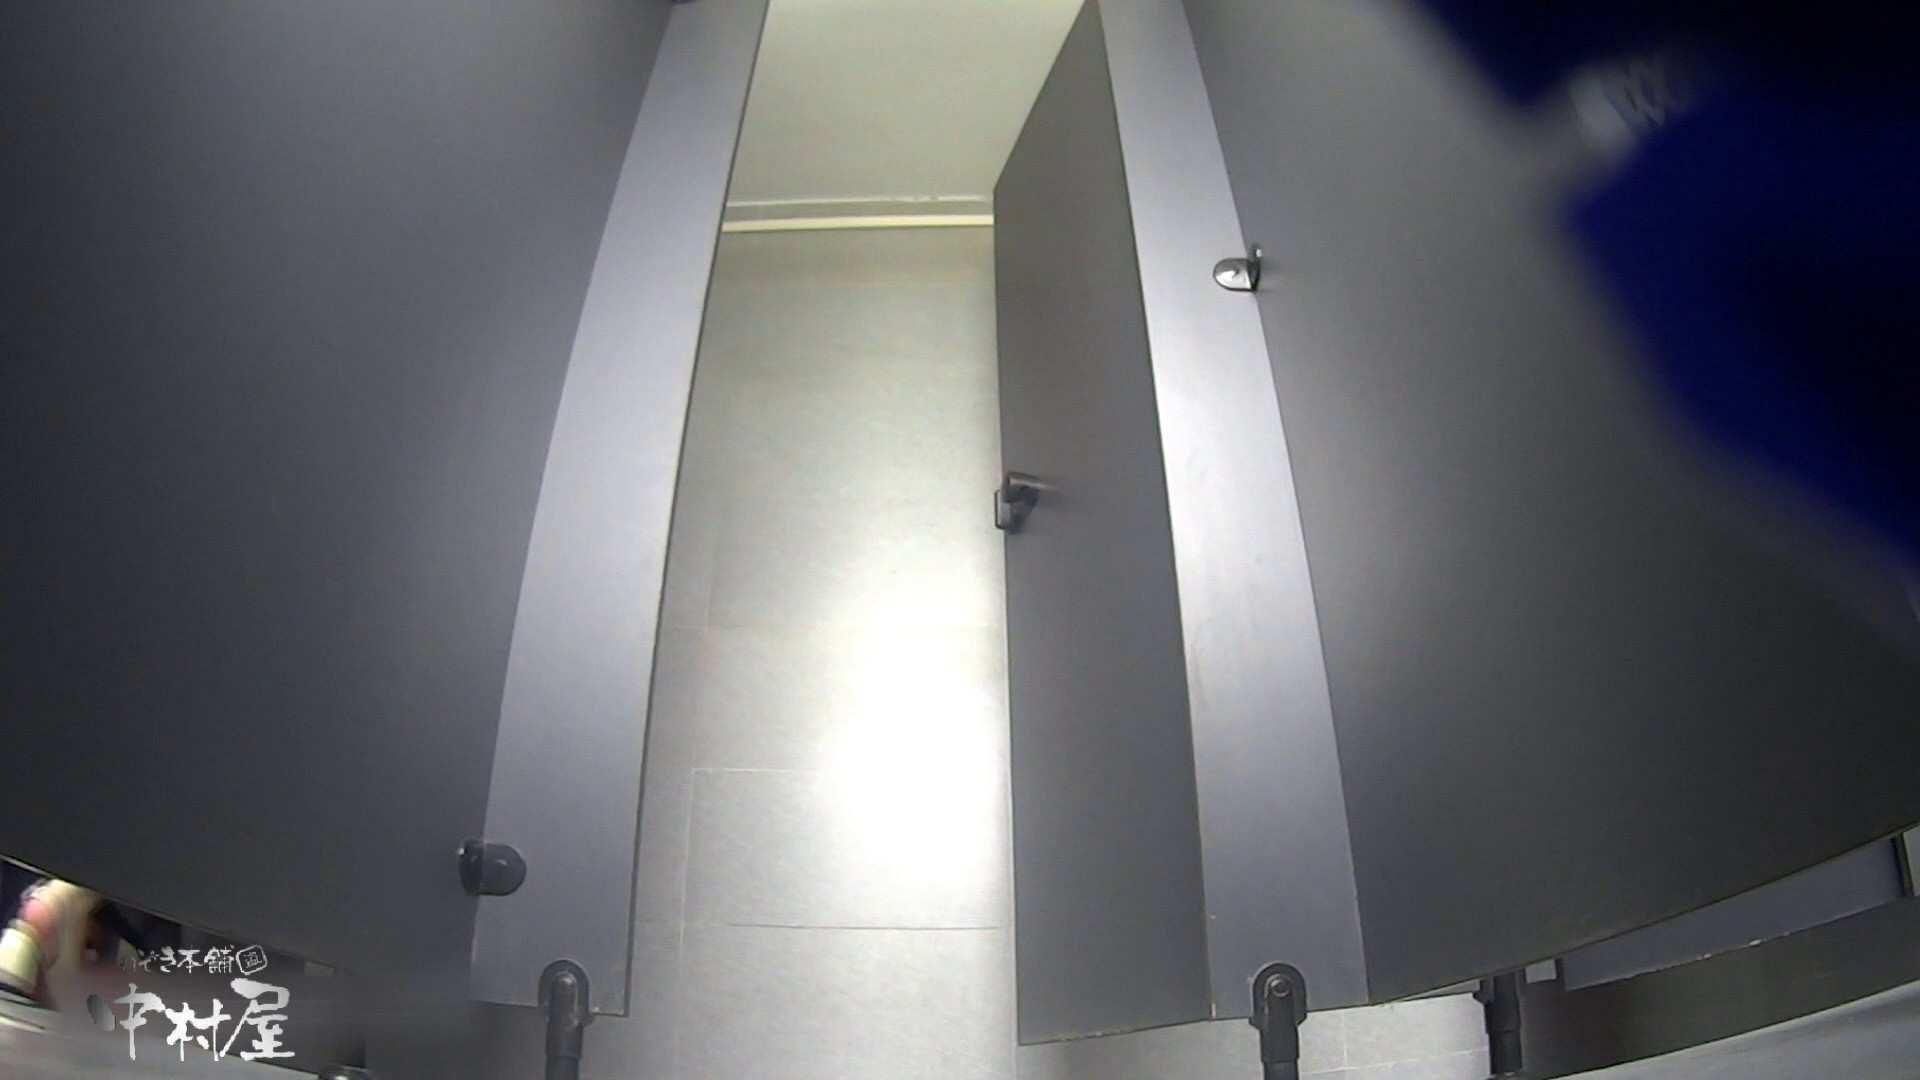 ツンデレお女市さんのトイレ事情 大学休憩時間の洗面所事情32 洗面所 盗撮エロ画像 75画像 13